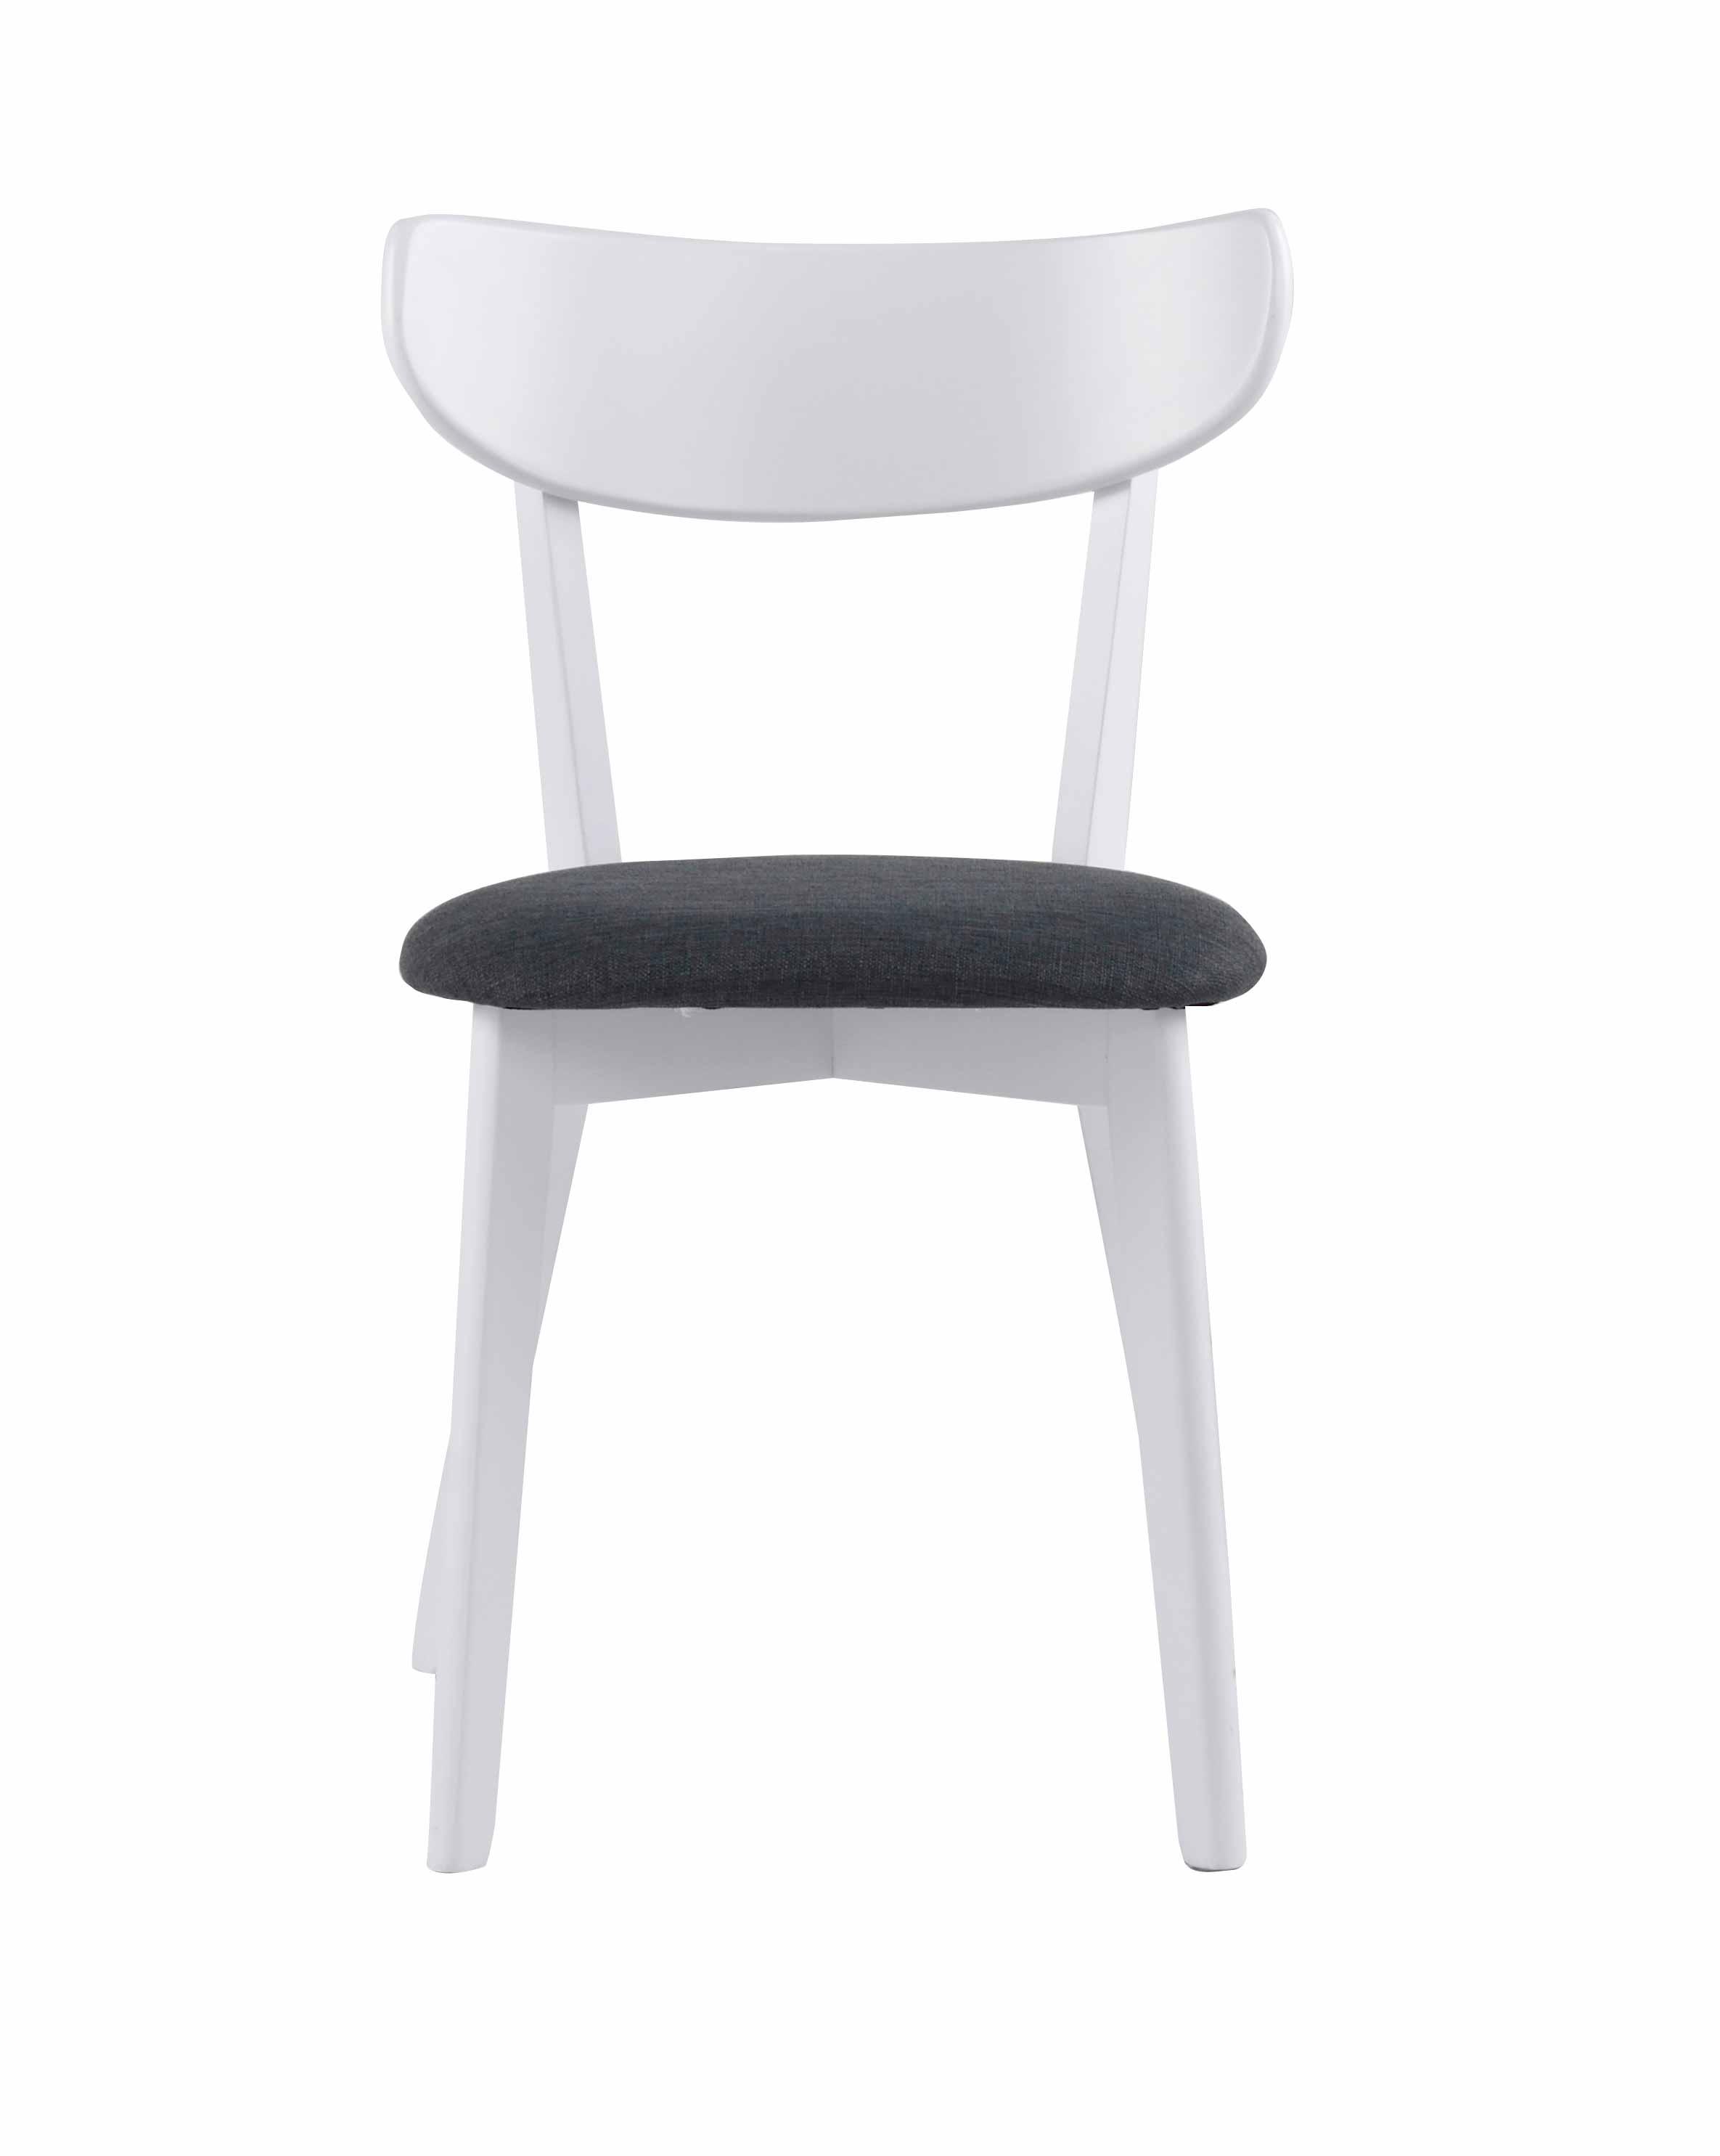 Sanna spisebordsstol - Hvidt egetræ, grå stof hynde